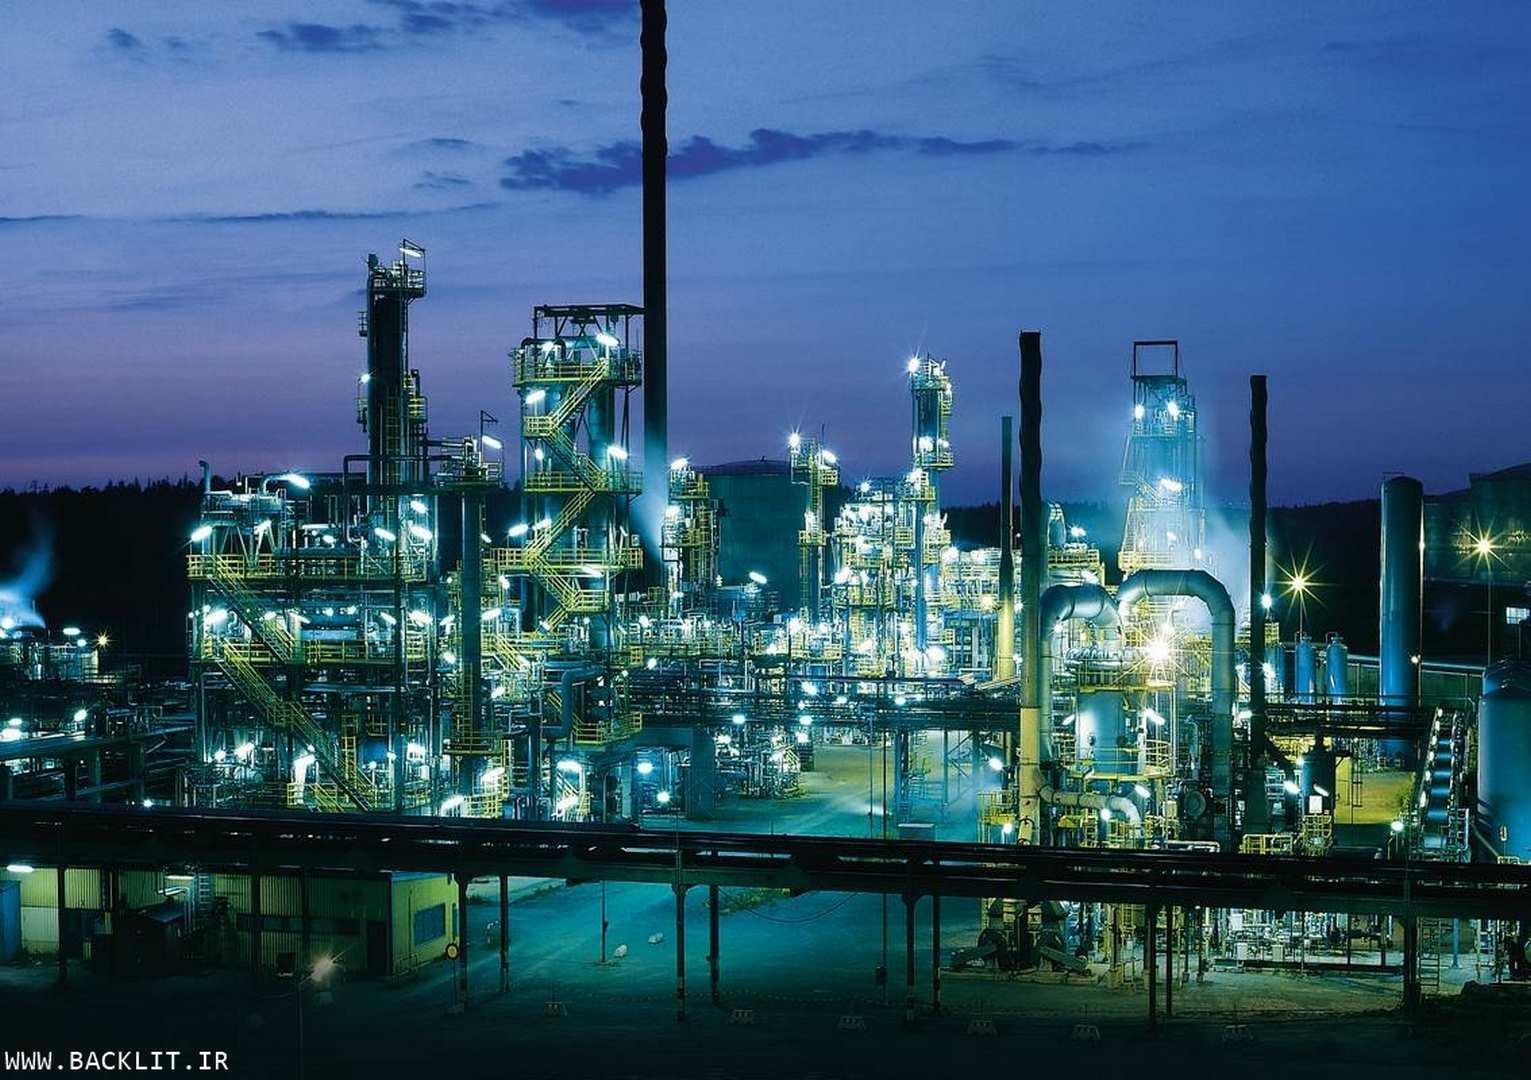 عکس تاسیسات صنعتی وپالایشگاهی 98